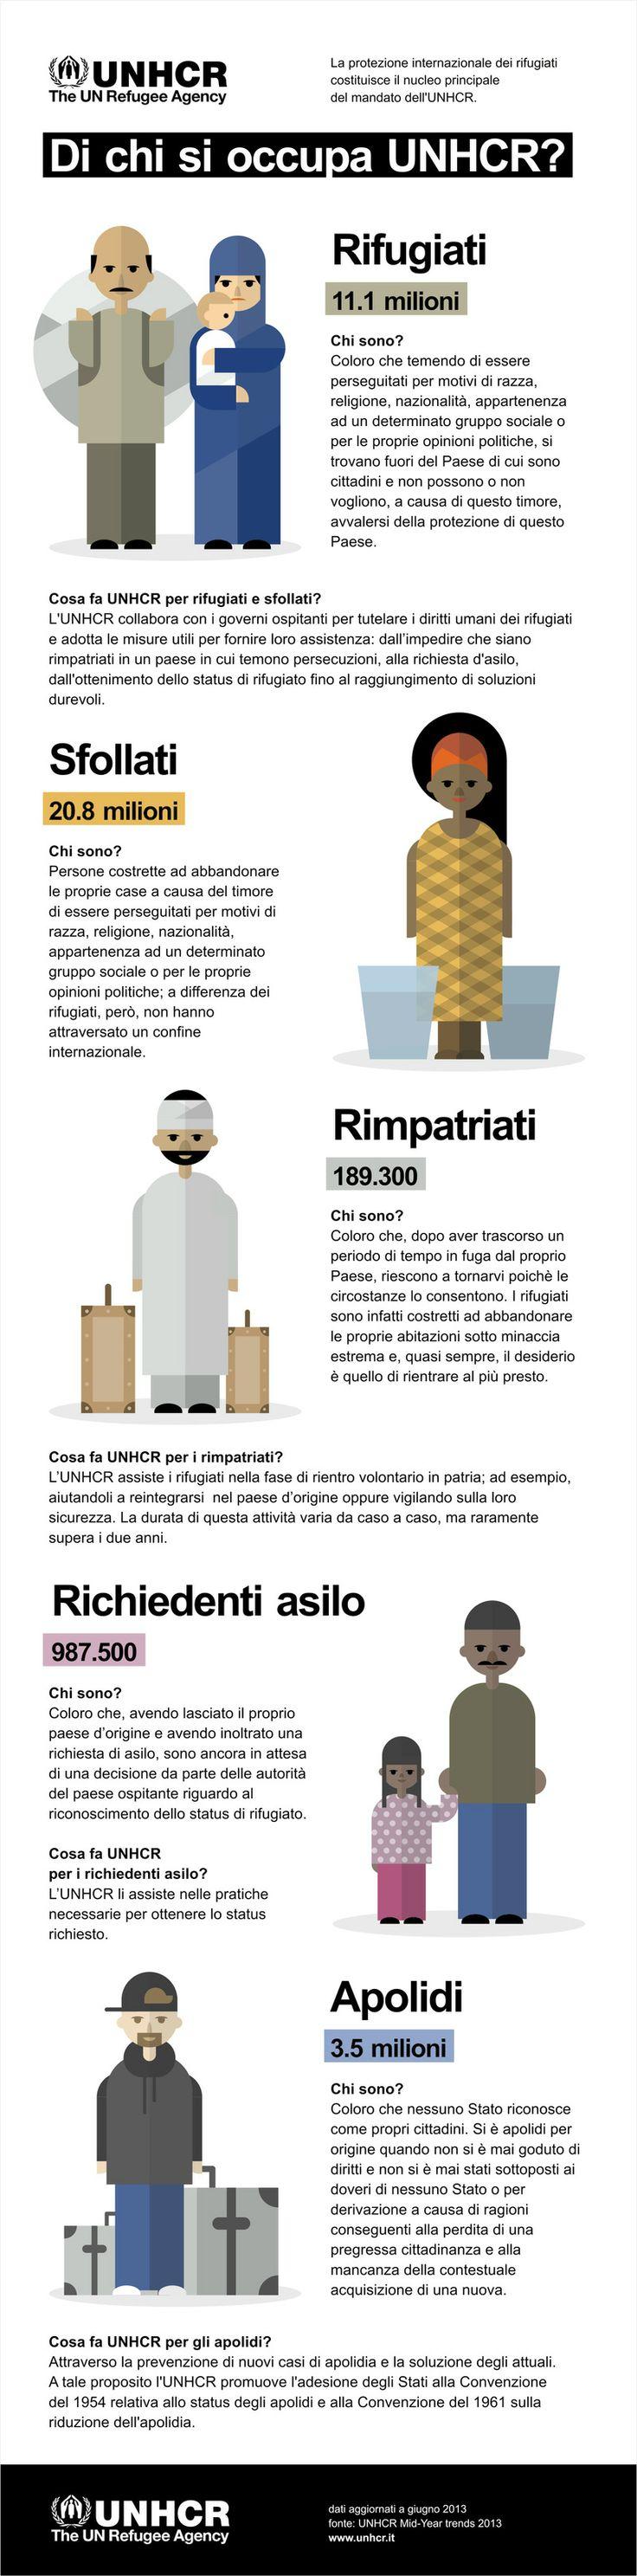 Di chi si occupa l'UNHCR